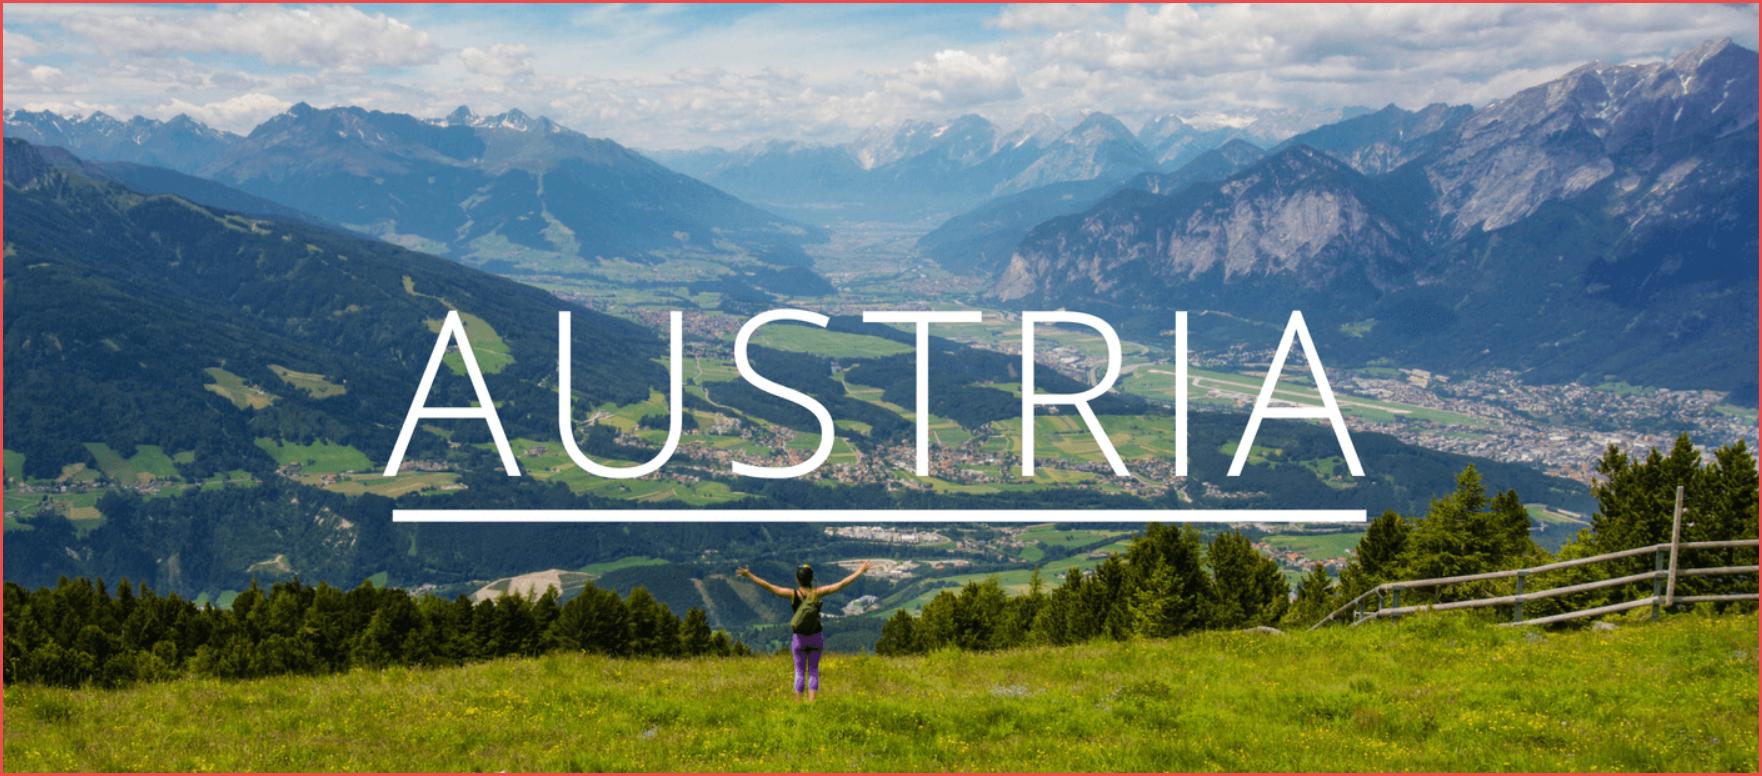 ما هي شروط الهجرة الى النمسا التي يجب الالتزام